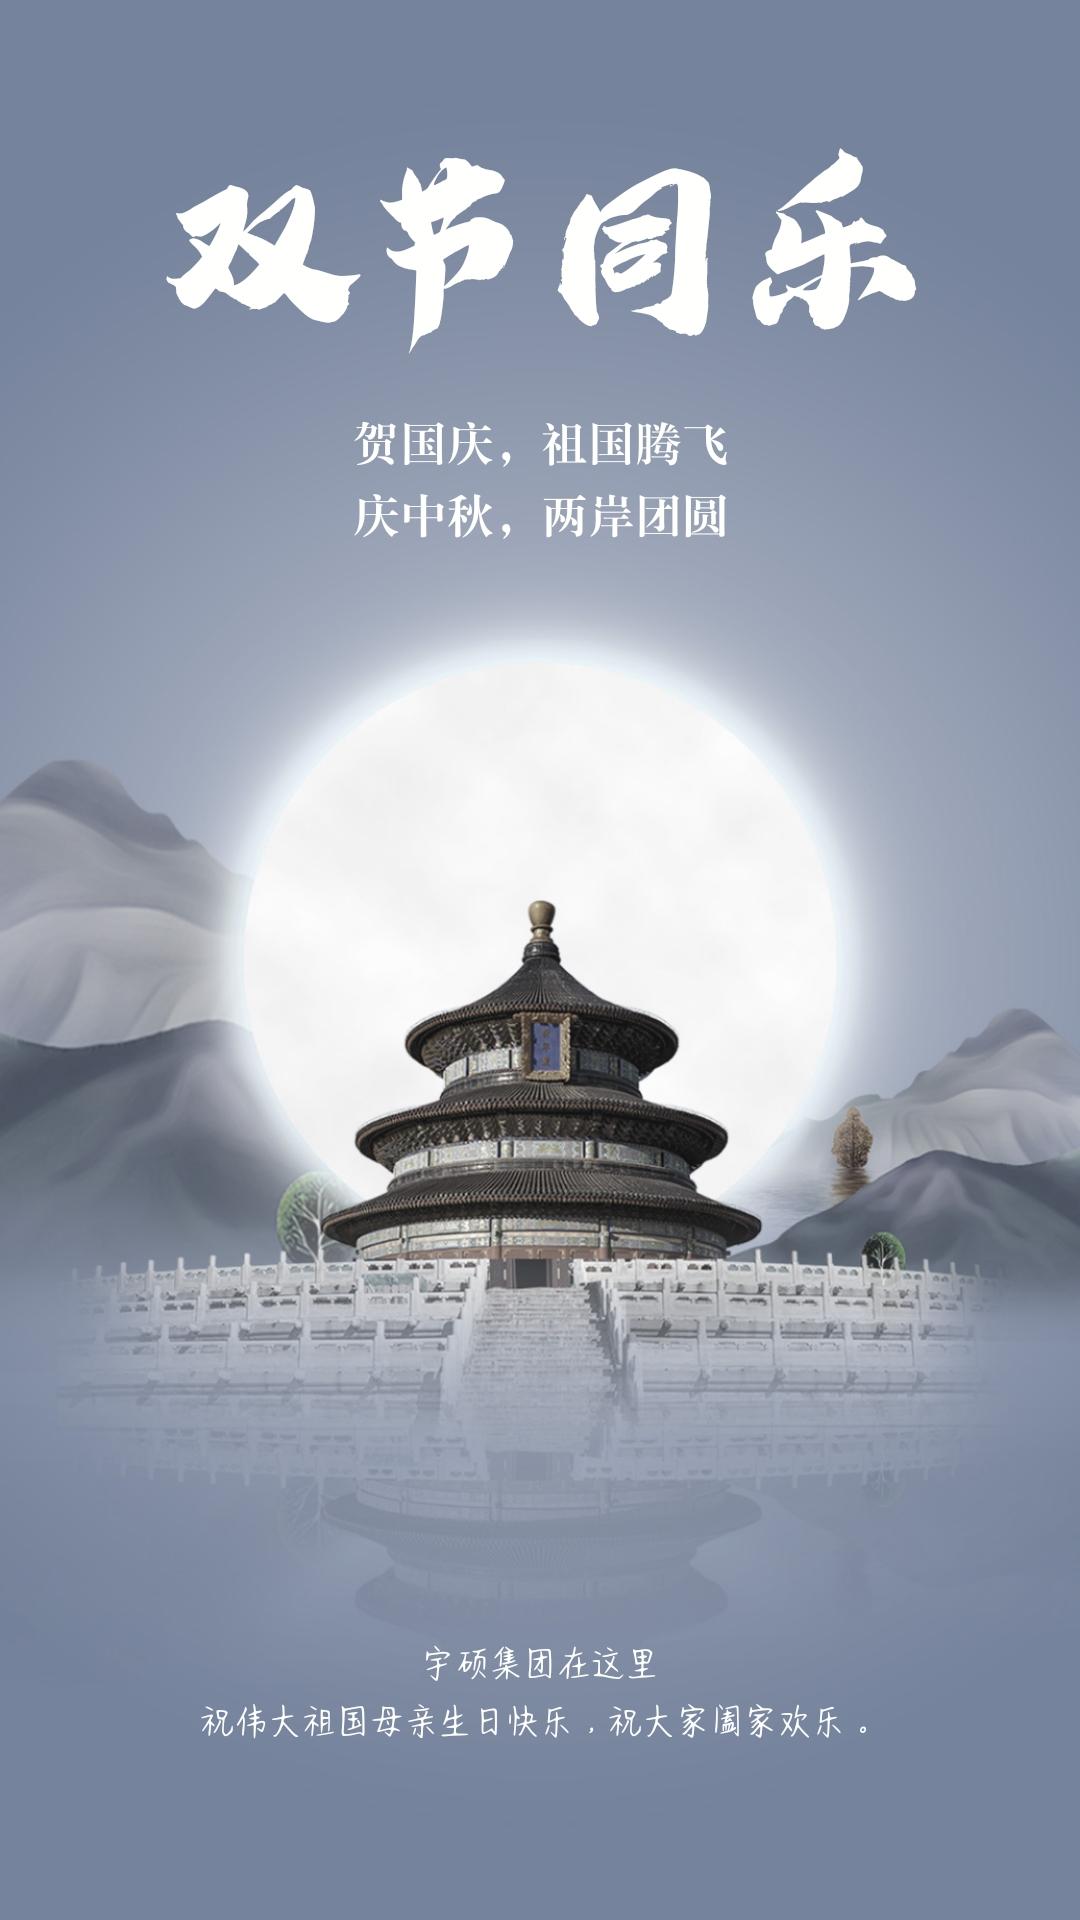 宇硕集团祝您中秋节快乐